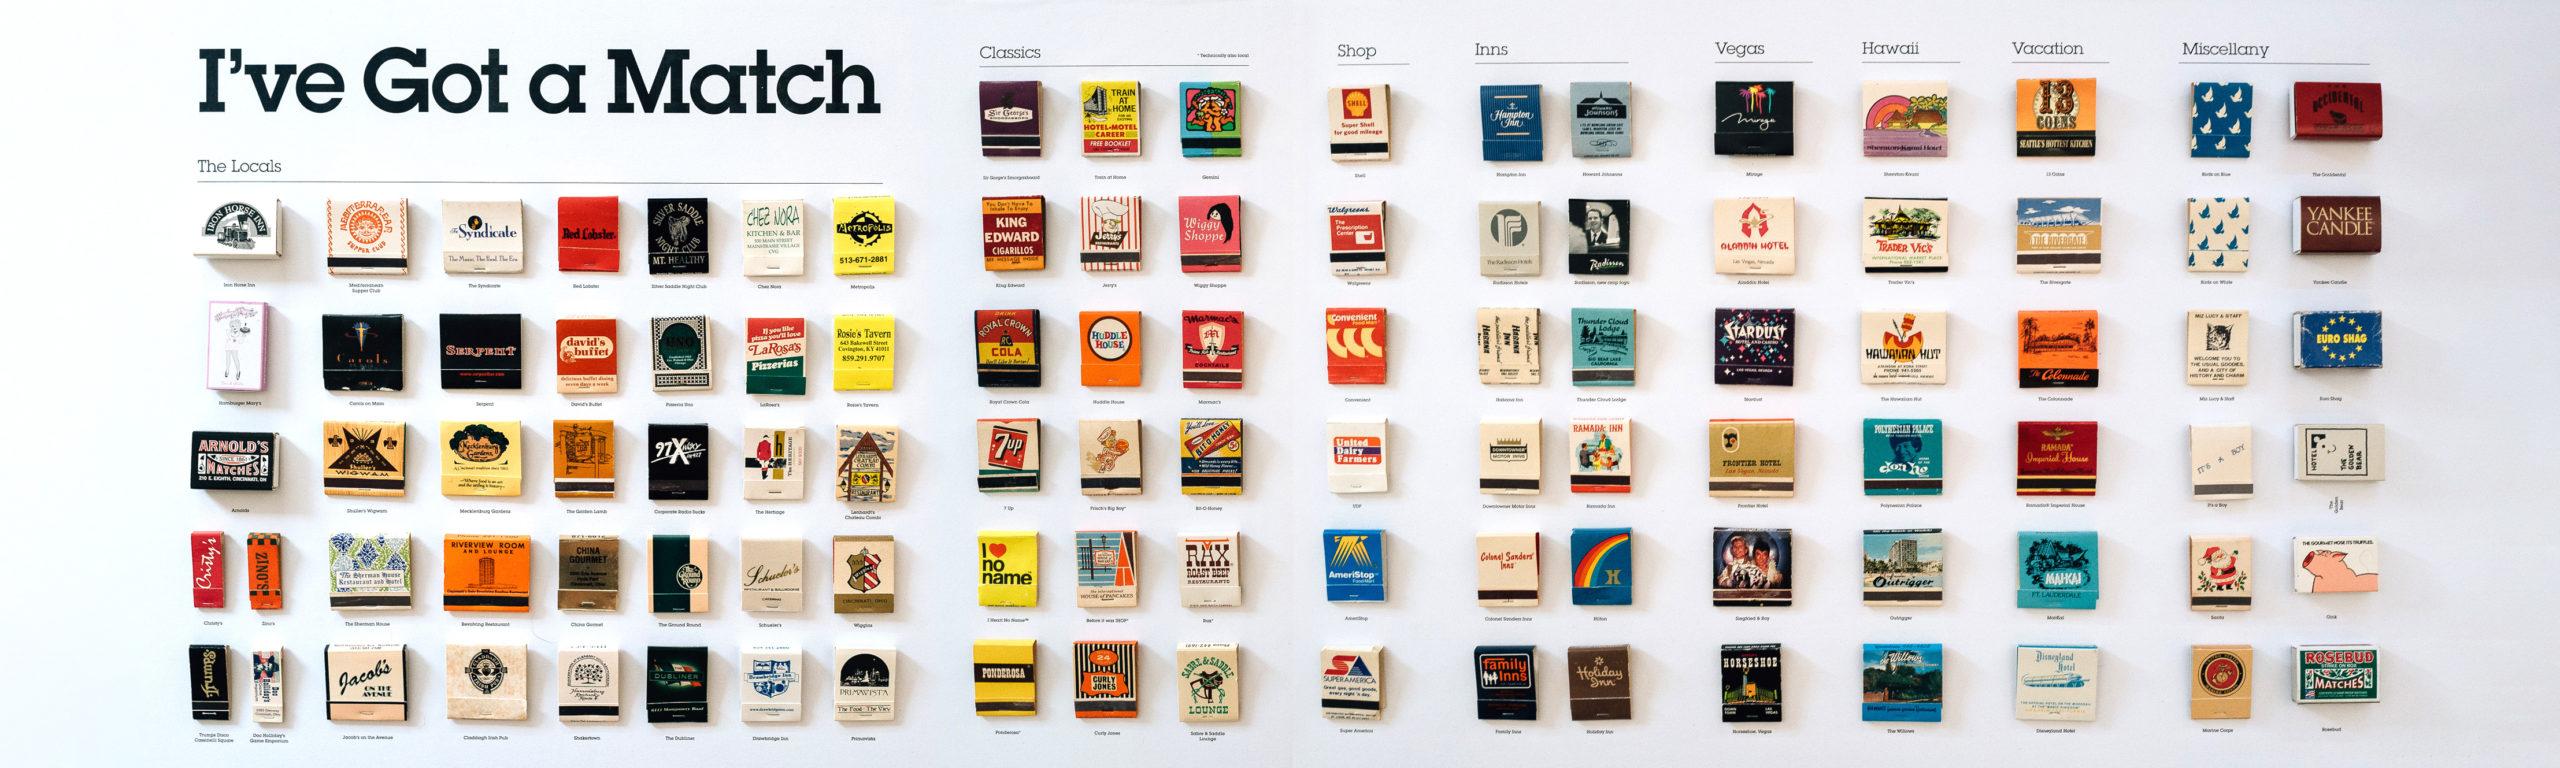 A bunch of matchbooks